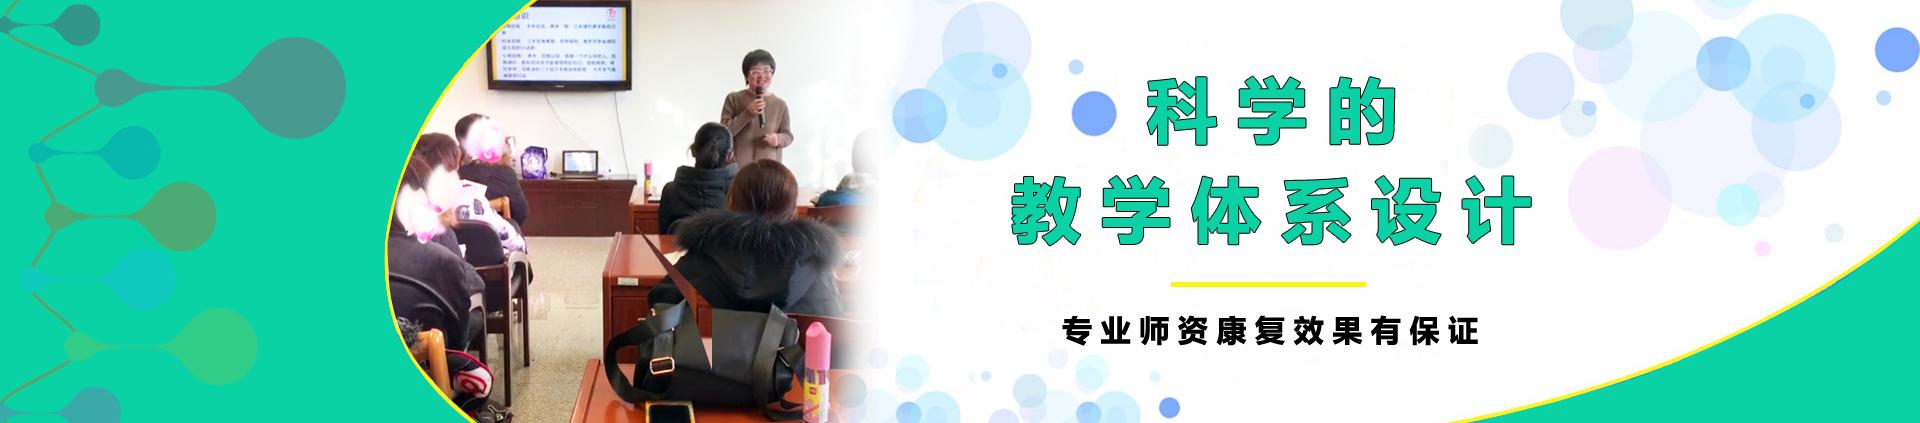 唐山自闭症康复机构